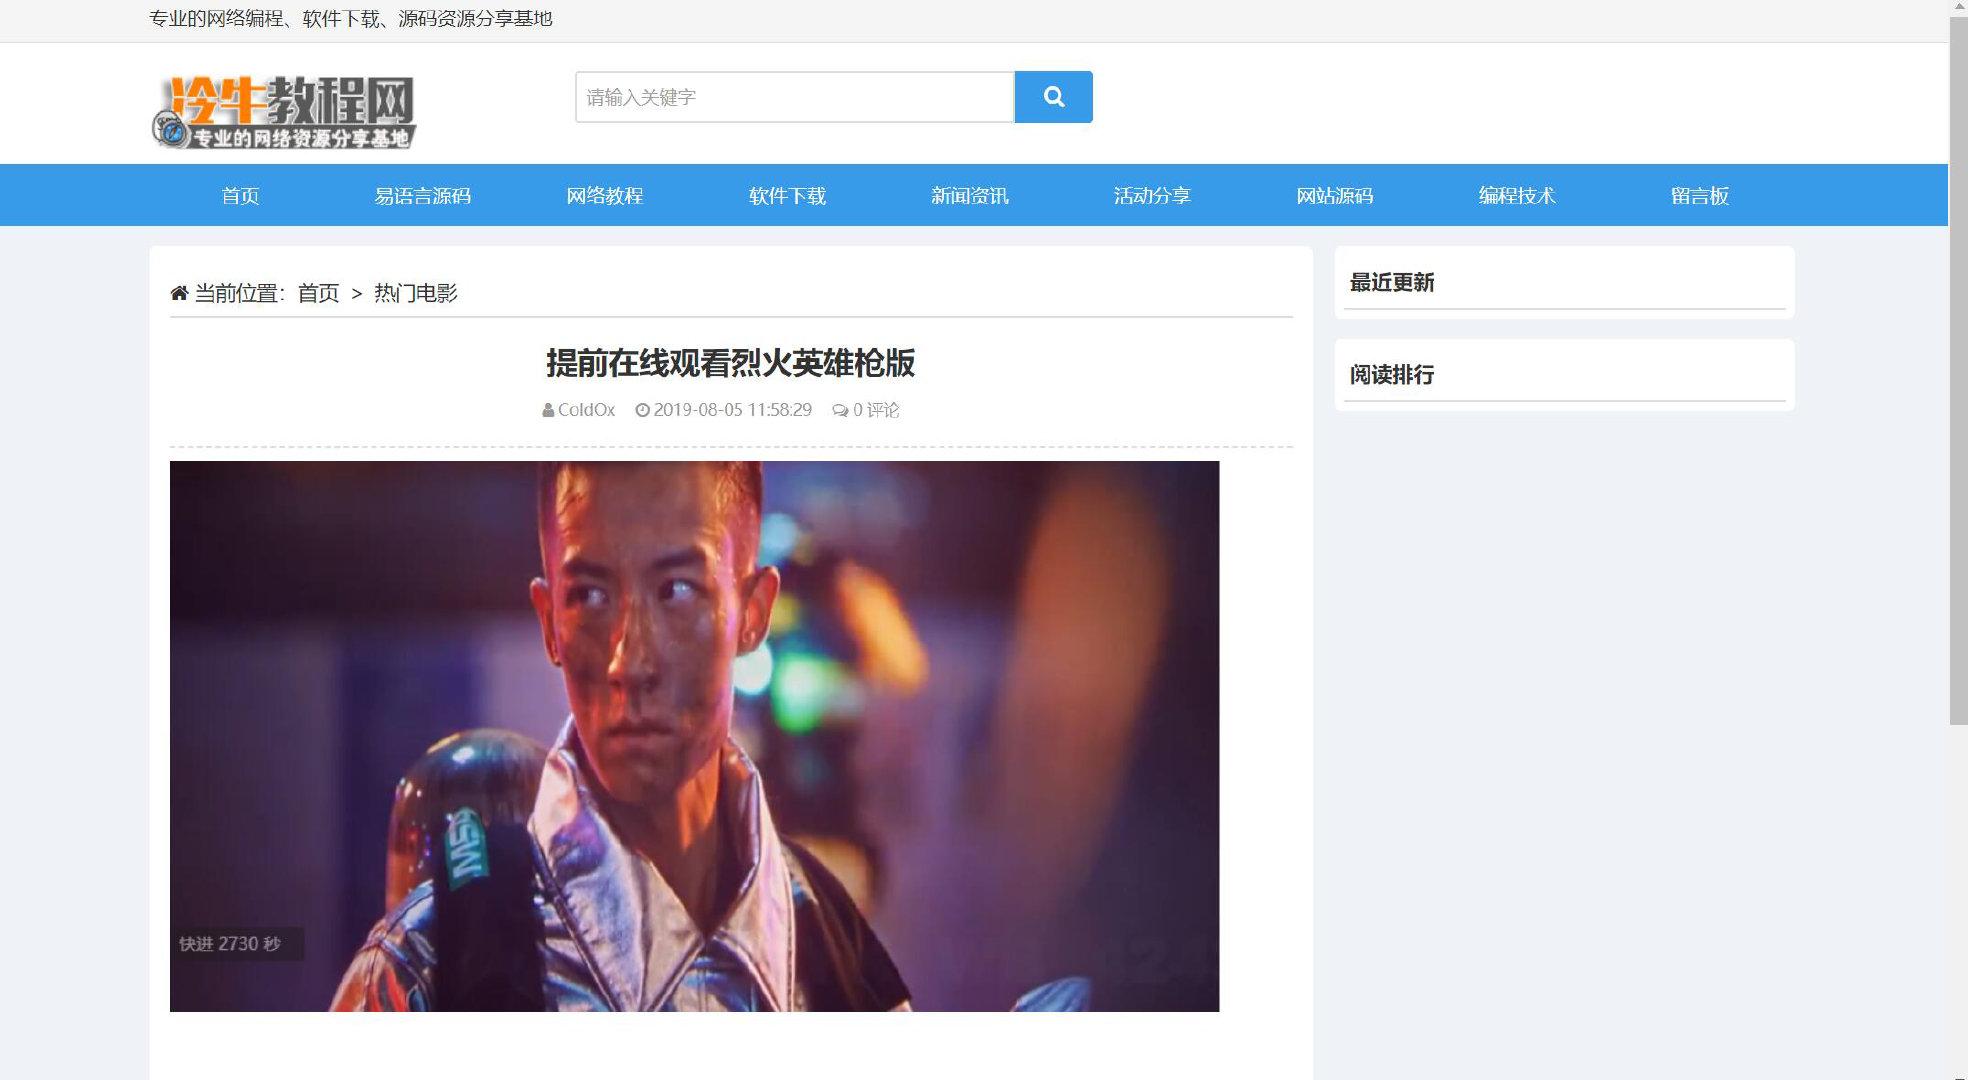 网钛新版响应式蓝色UI源码第二发